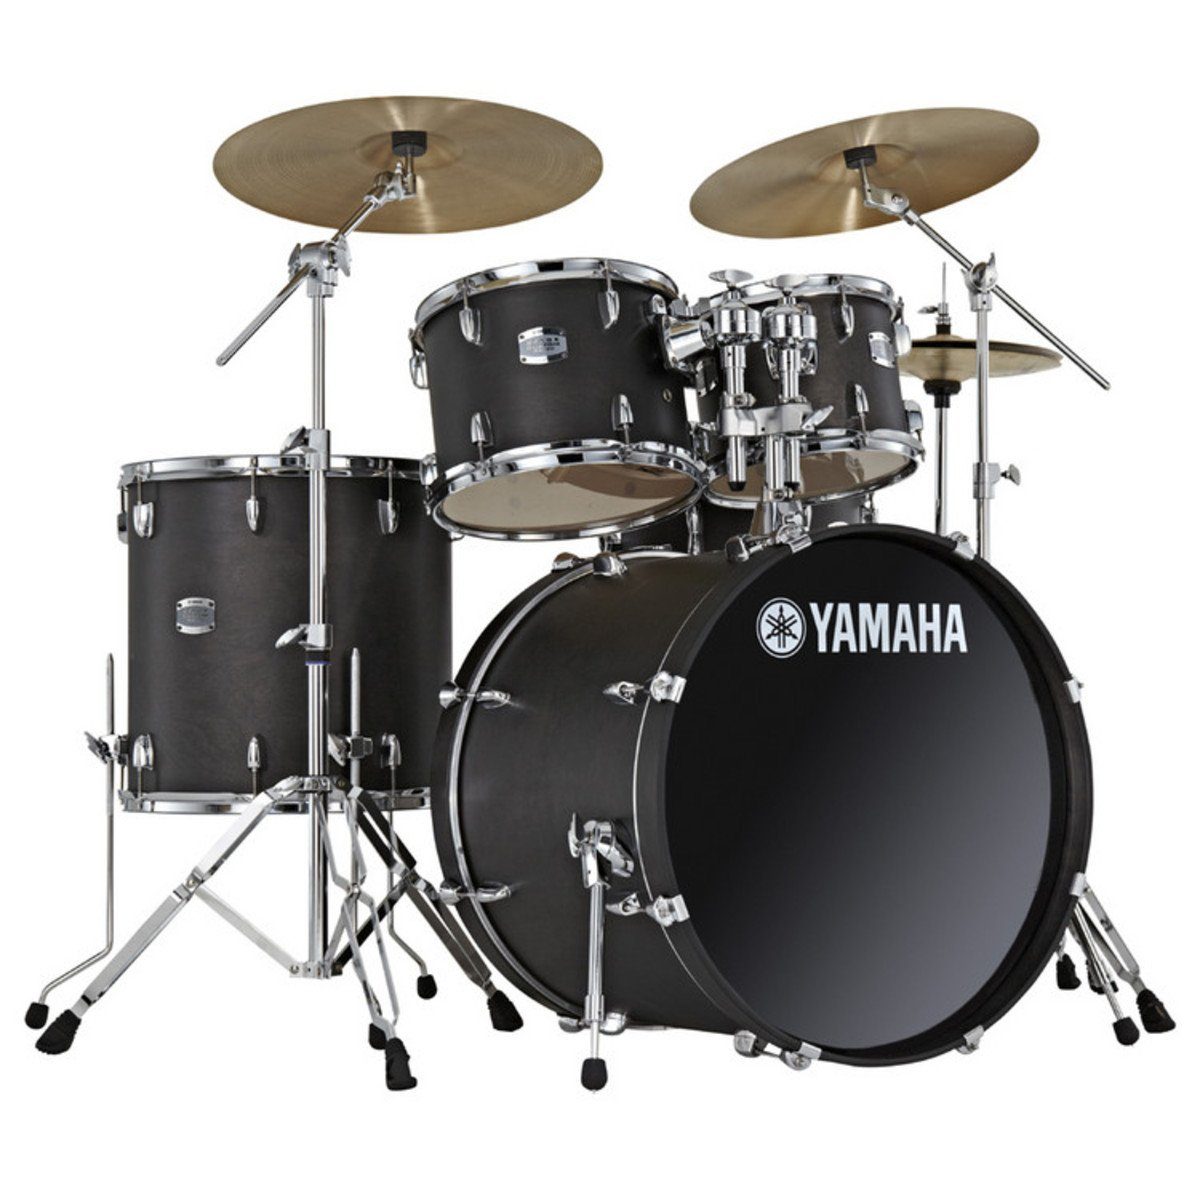 Best Acoustic Drum Set For Beginners : 7 best acoustic drum sets for beginners 2019 starer 39 s guide ~ Hamham.info Haus und Dekorationen